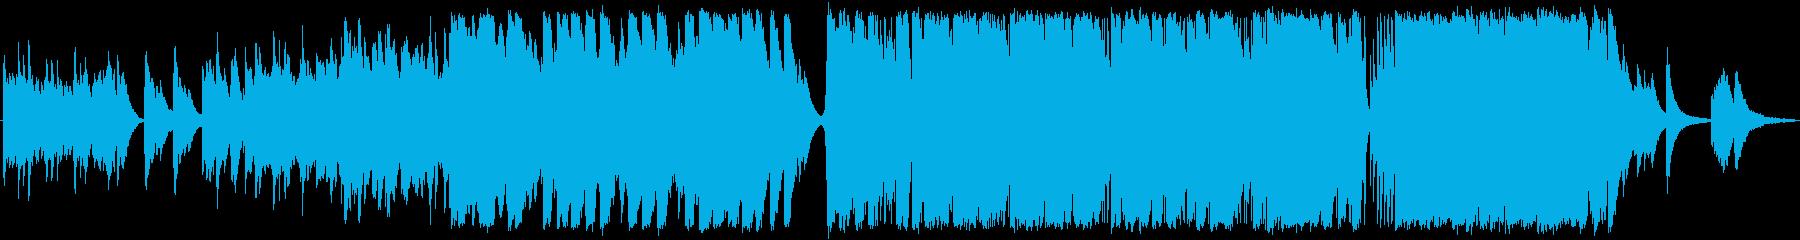 ラブソング。ソフトピアノイントロ、...の再生済みの波形